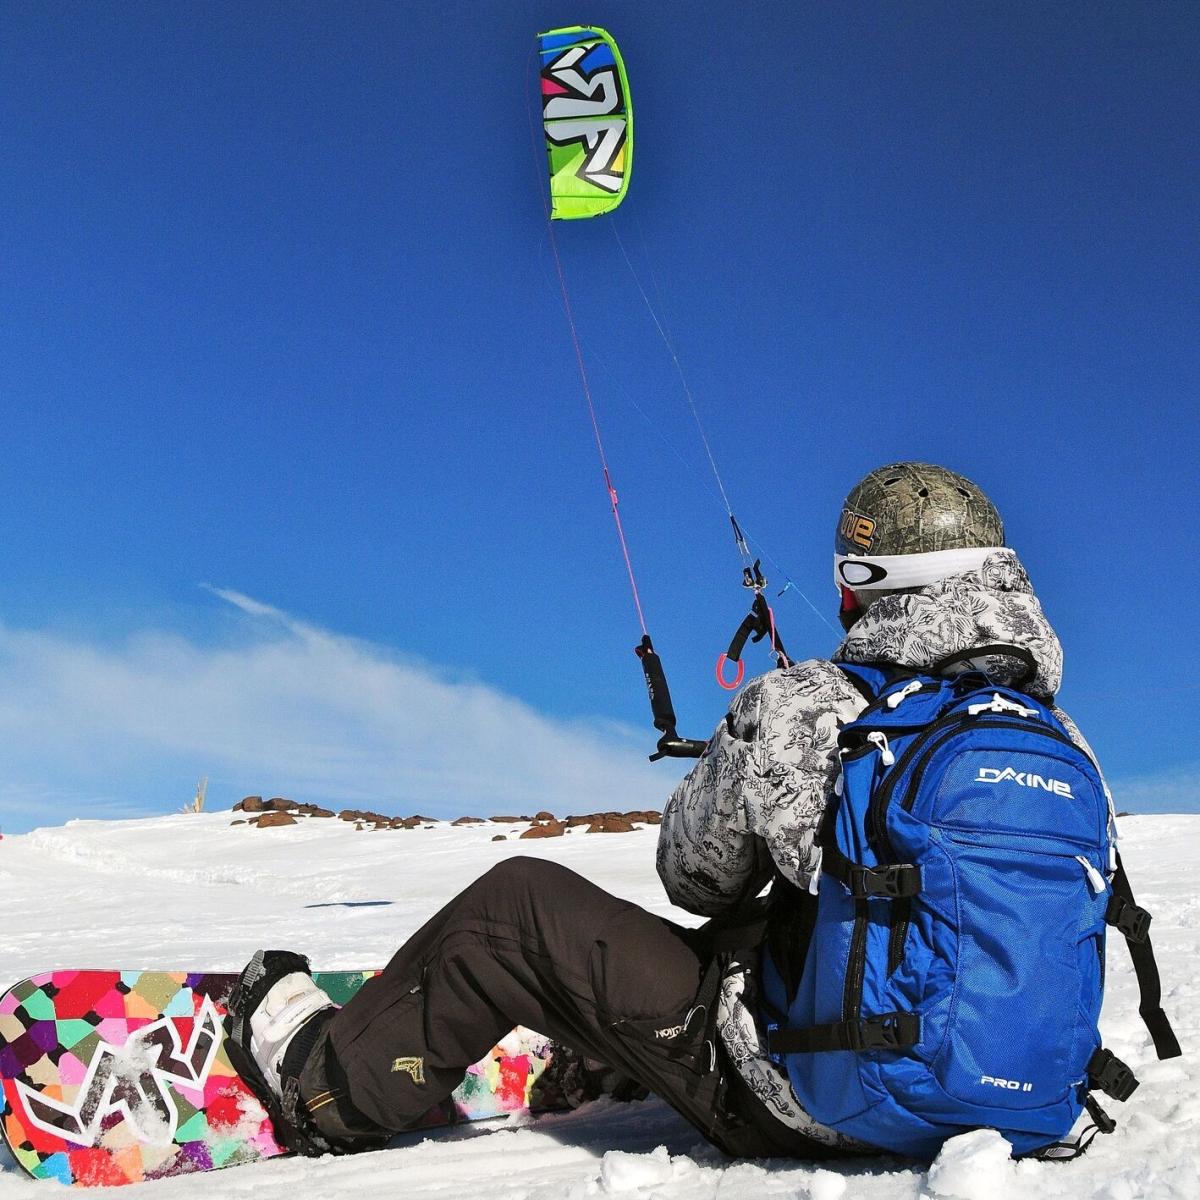 SNOWKITE: Cómo Es El Deporte Que Combina el Kitesurf Con El Ski oSnowboard